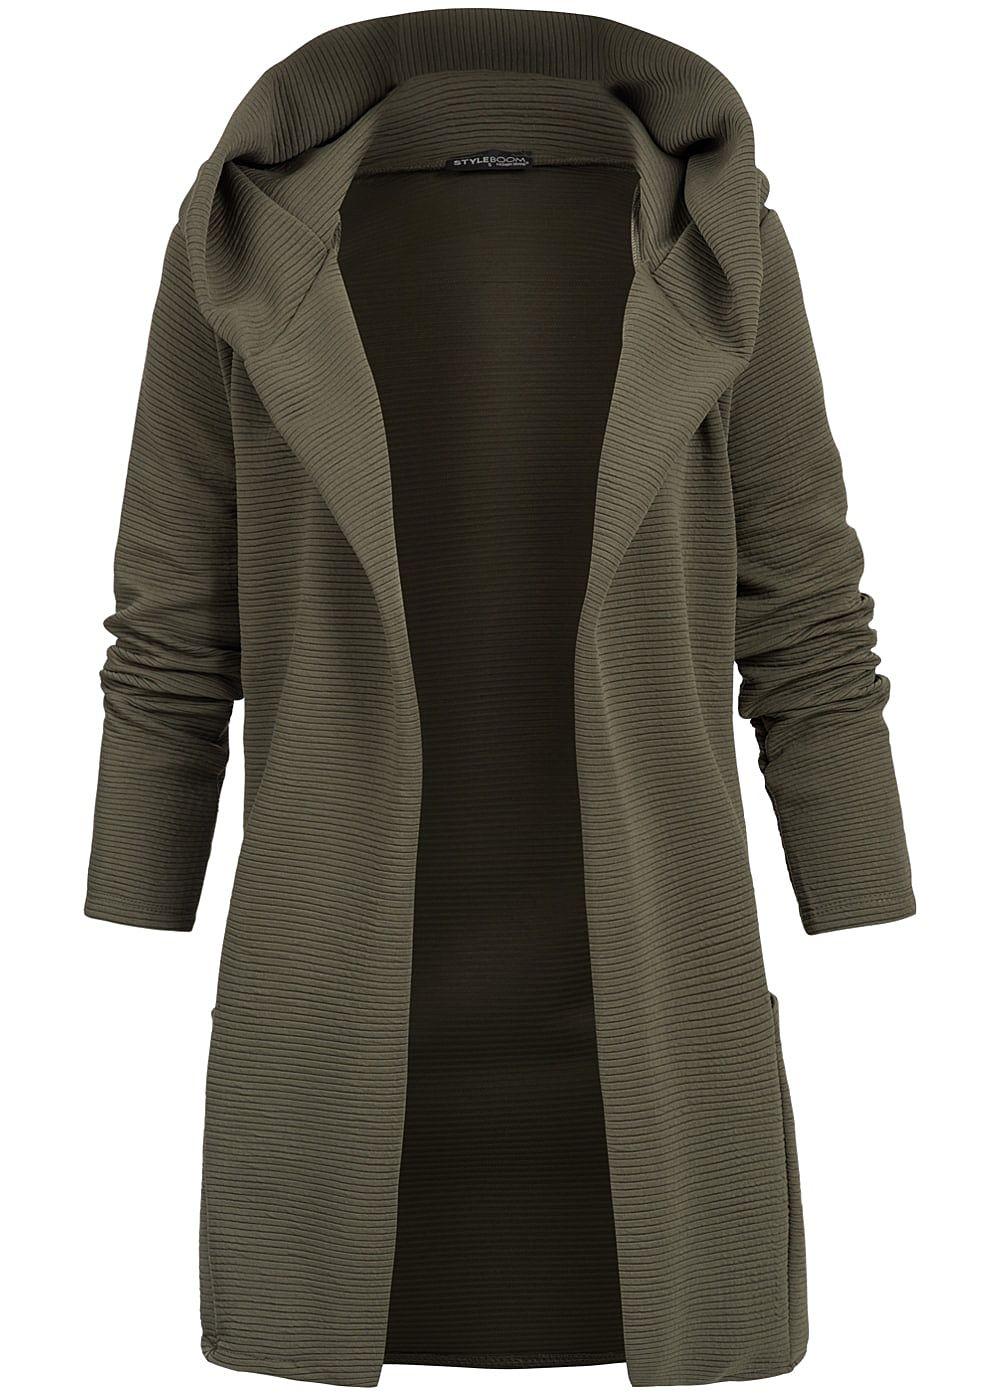 styleboom fashion damen kapuze cardigan aufgesetzte taschen military gr n 77onlineshop. Black Bedroom Furniture Sets. Home Design Ideas